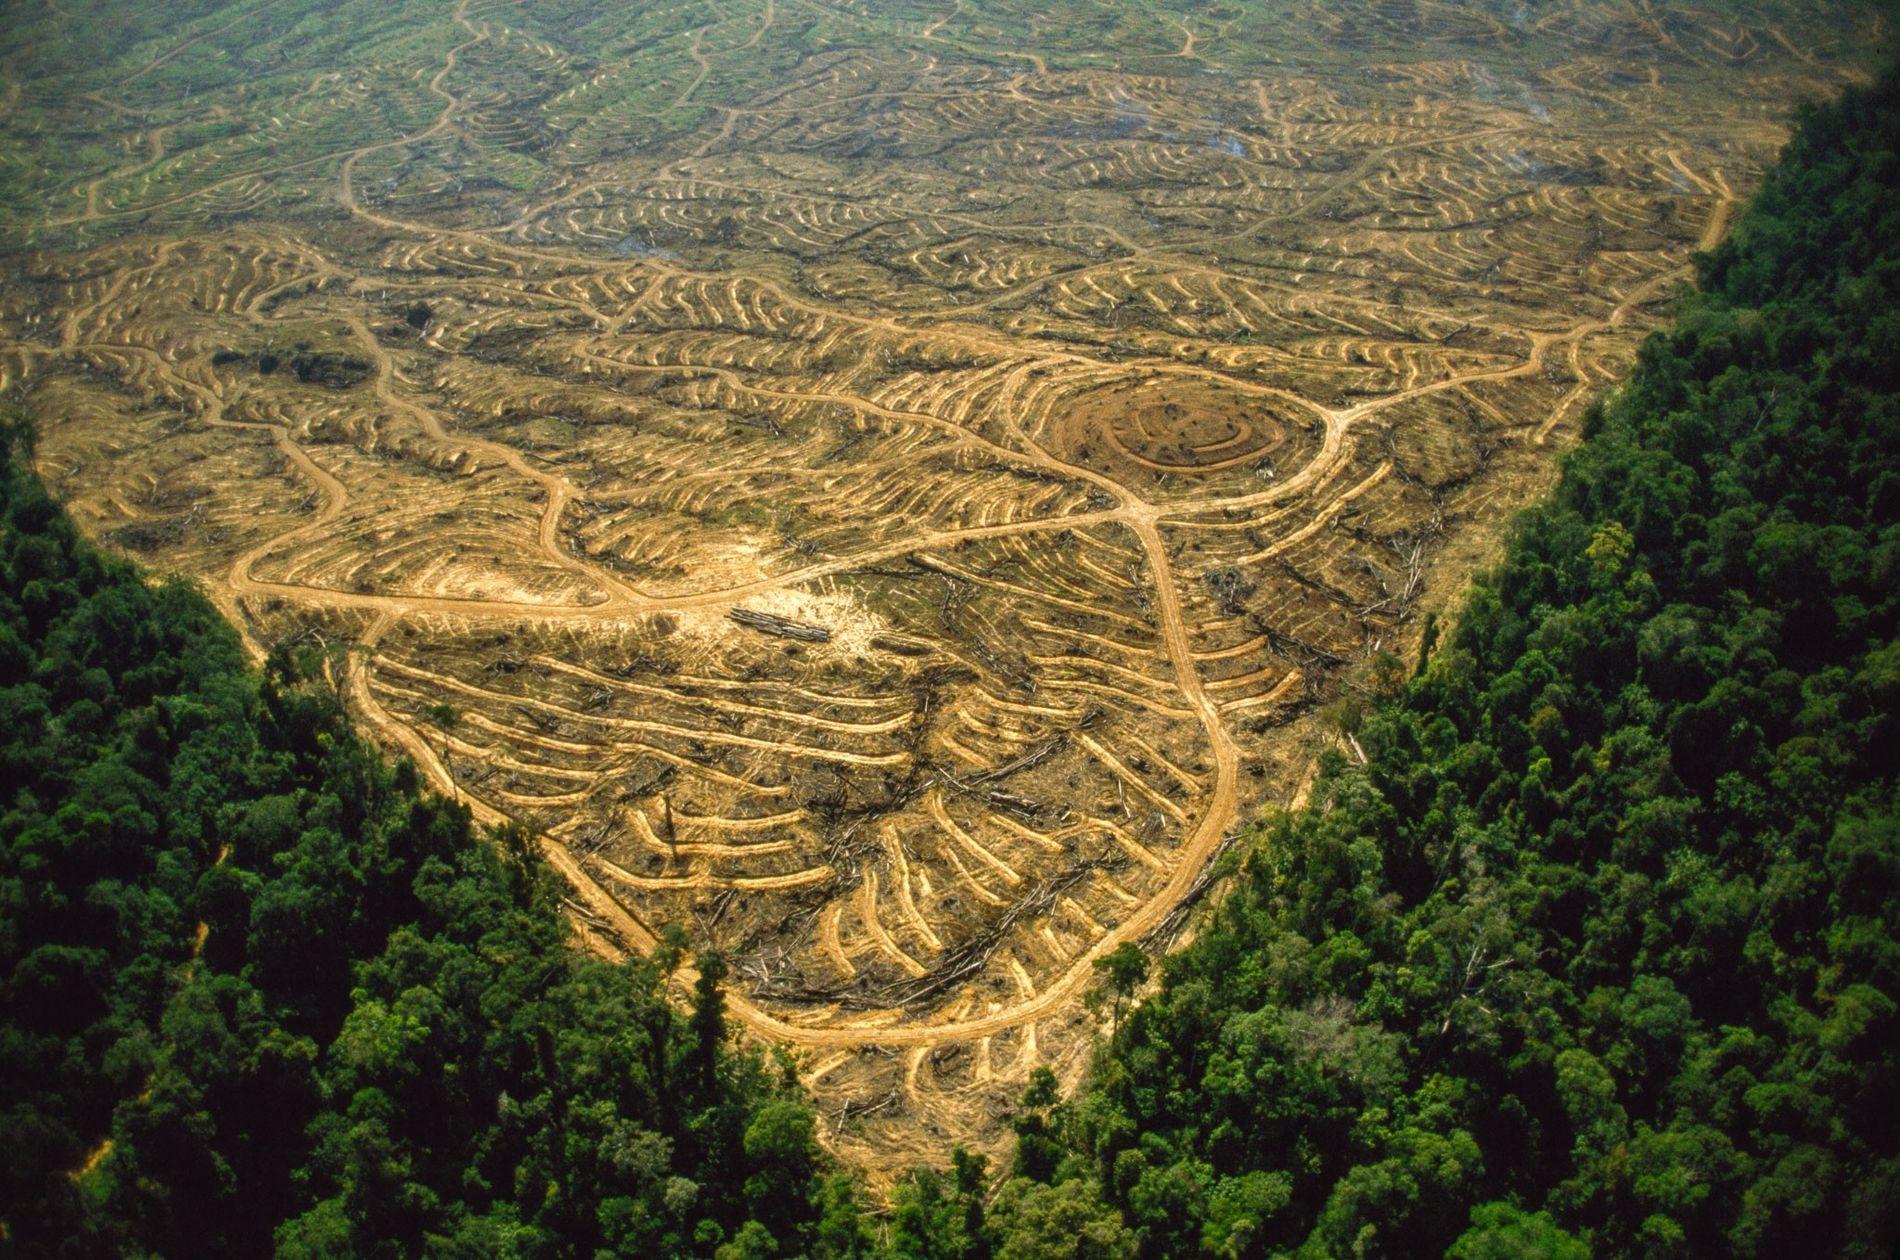 Große Teile des Regenwalds in Indonesien und Malaysia wurden gerodet, um Platz für Palmölplantagen zu machen. ...